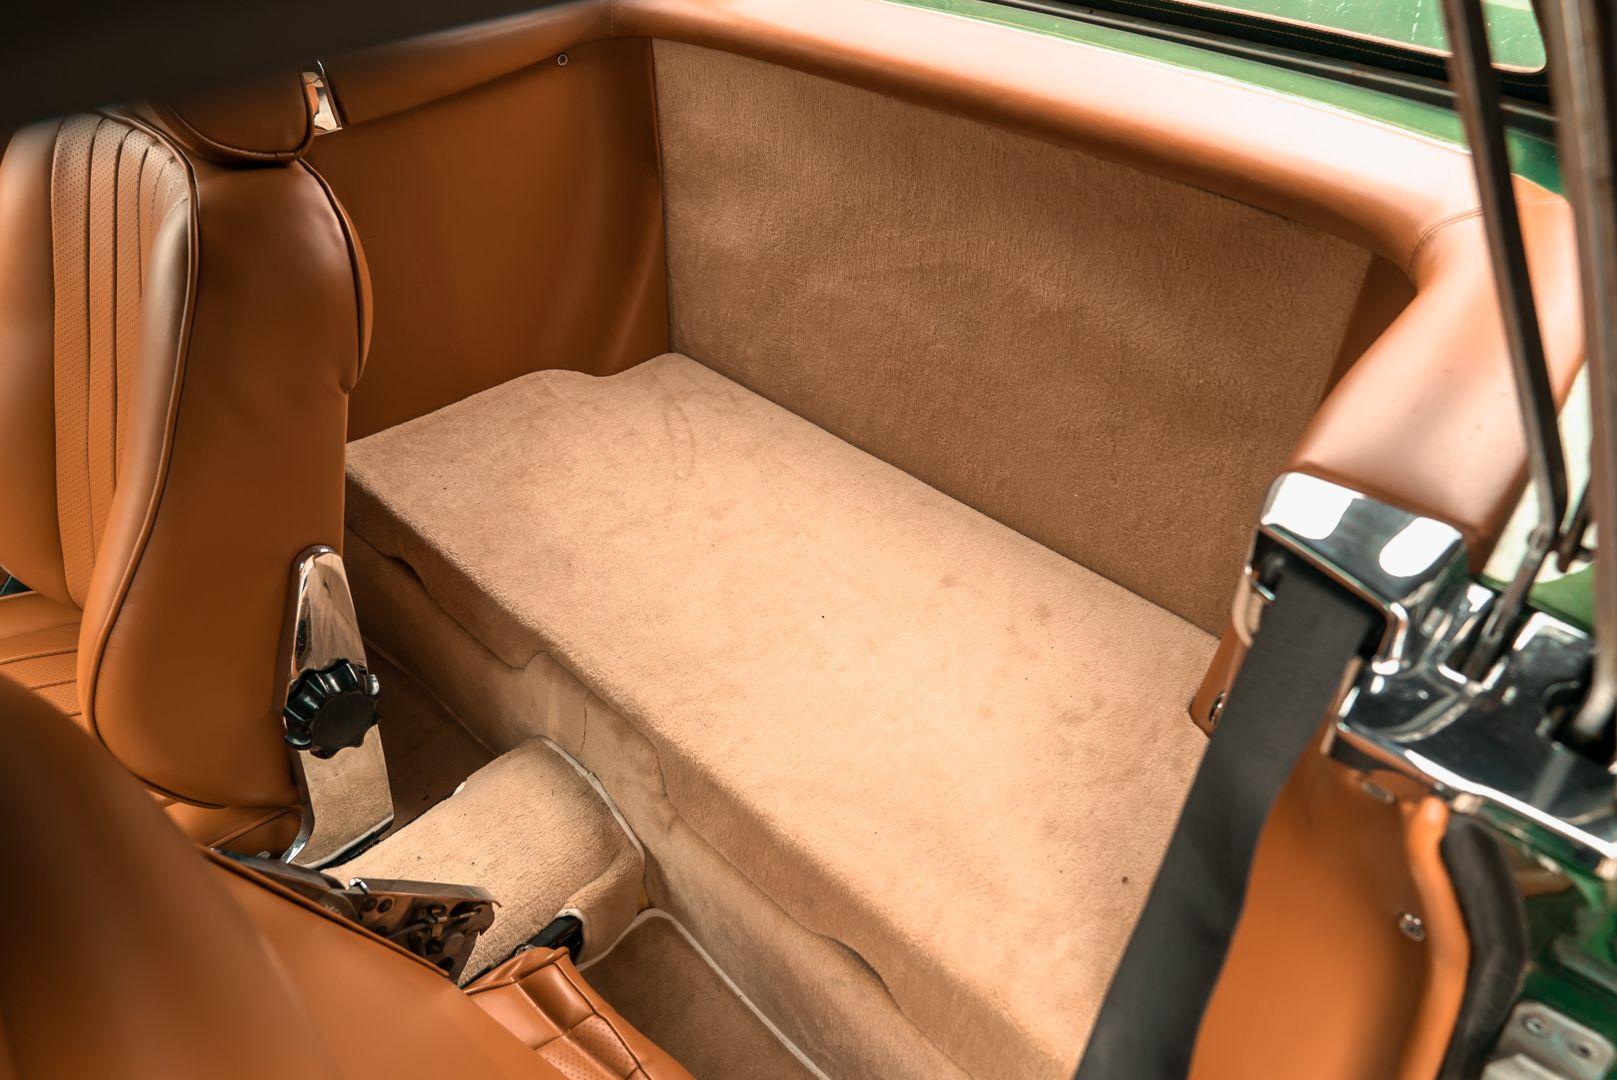 1986 Mercedes-Benz SL 300 69330